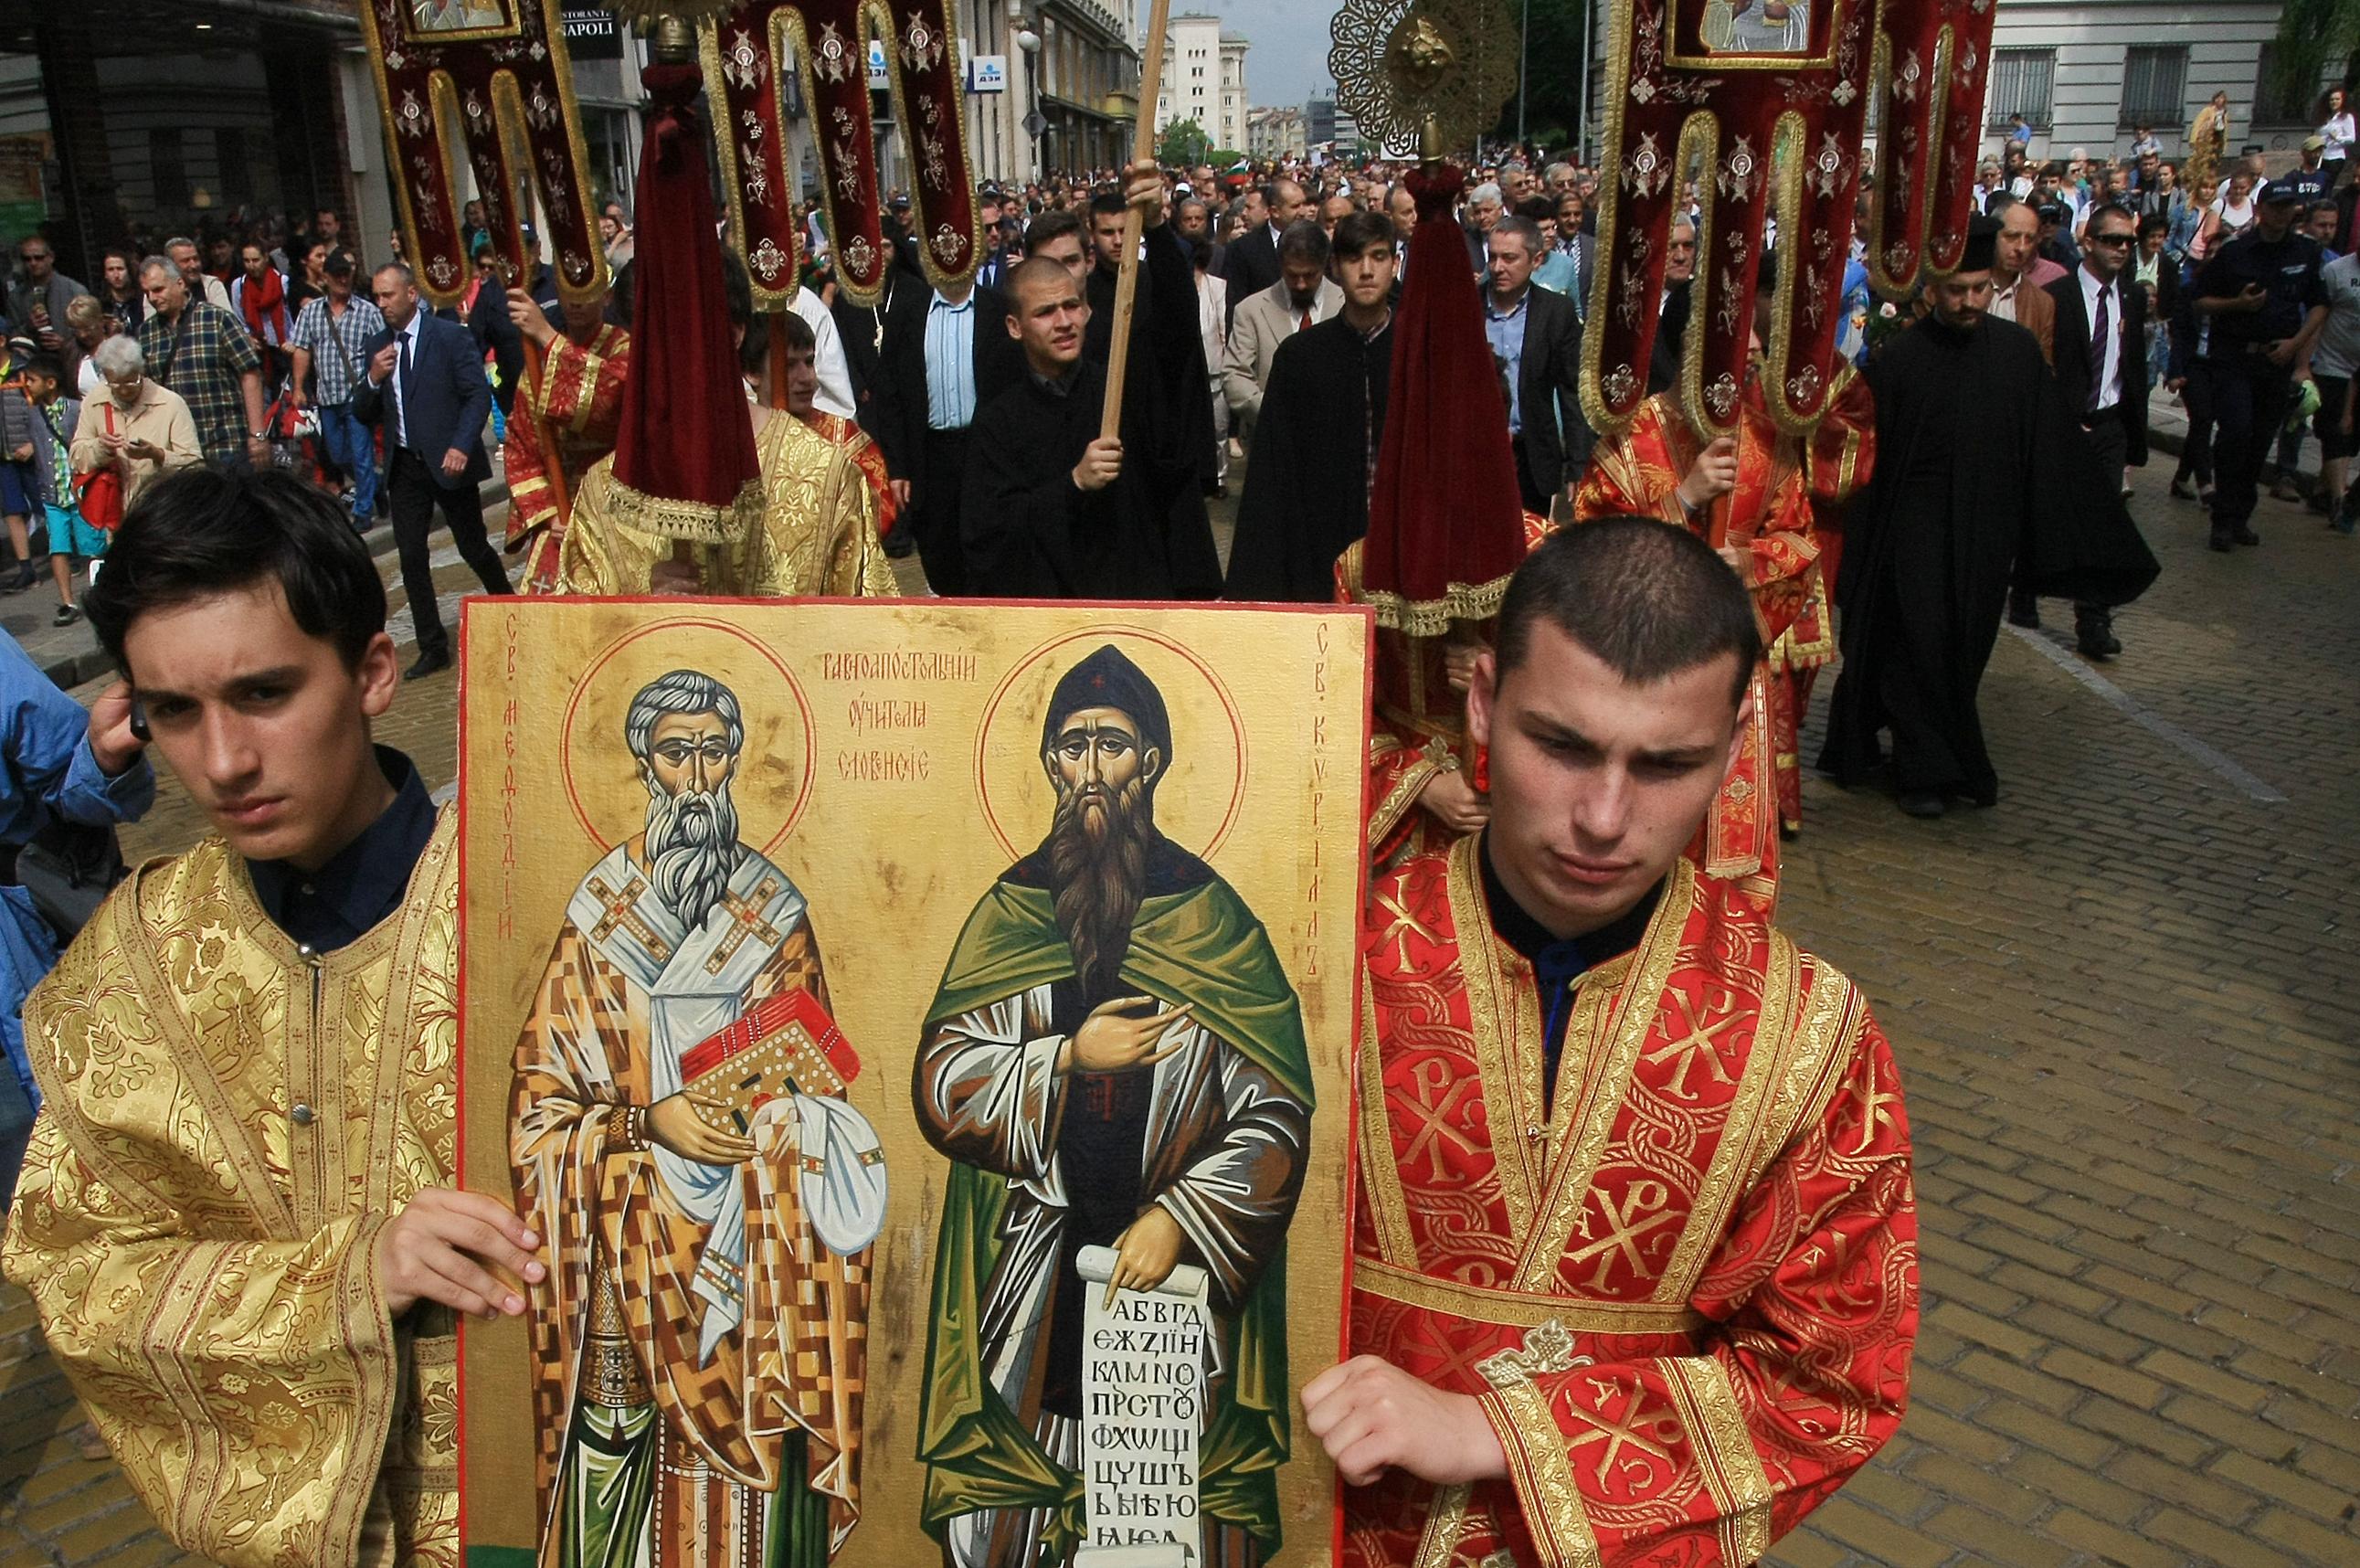 В шествието участват и представители на Българската православна църква, общественици и политици.